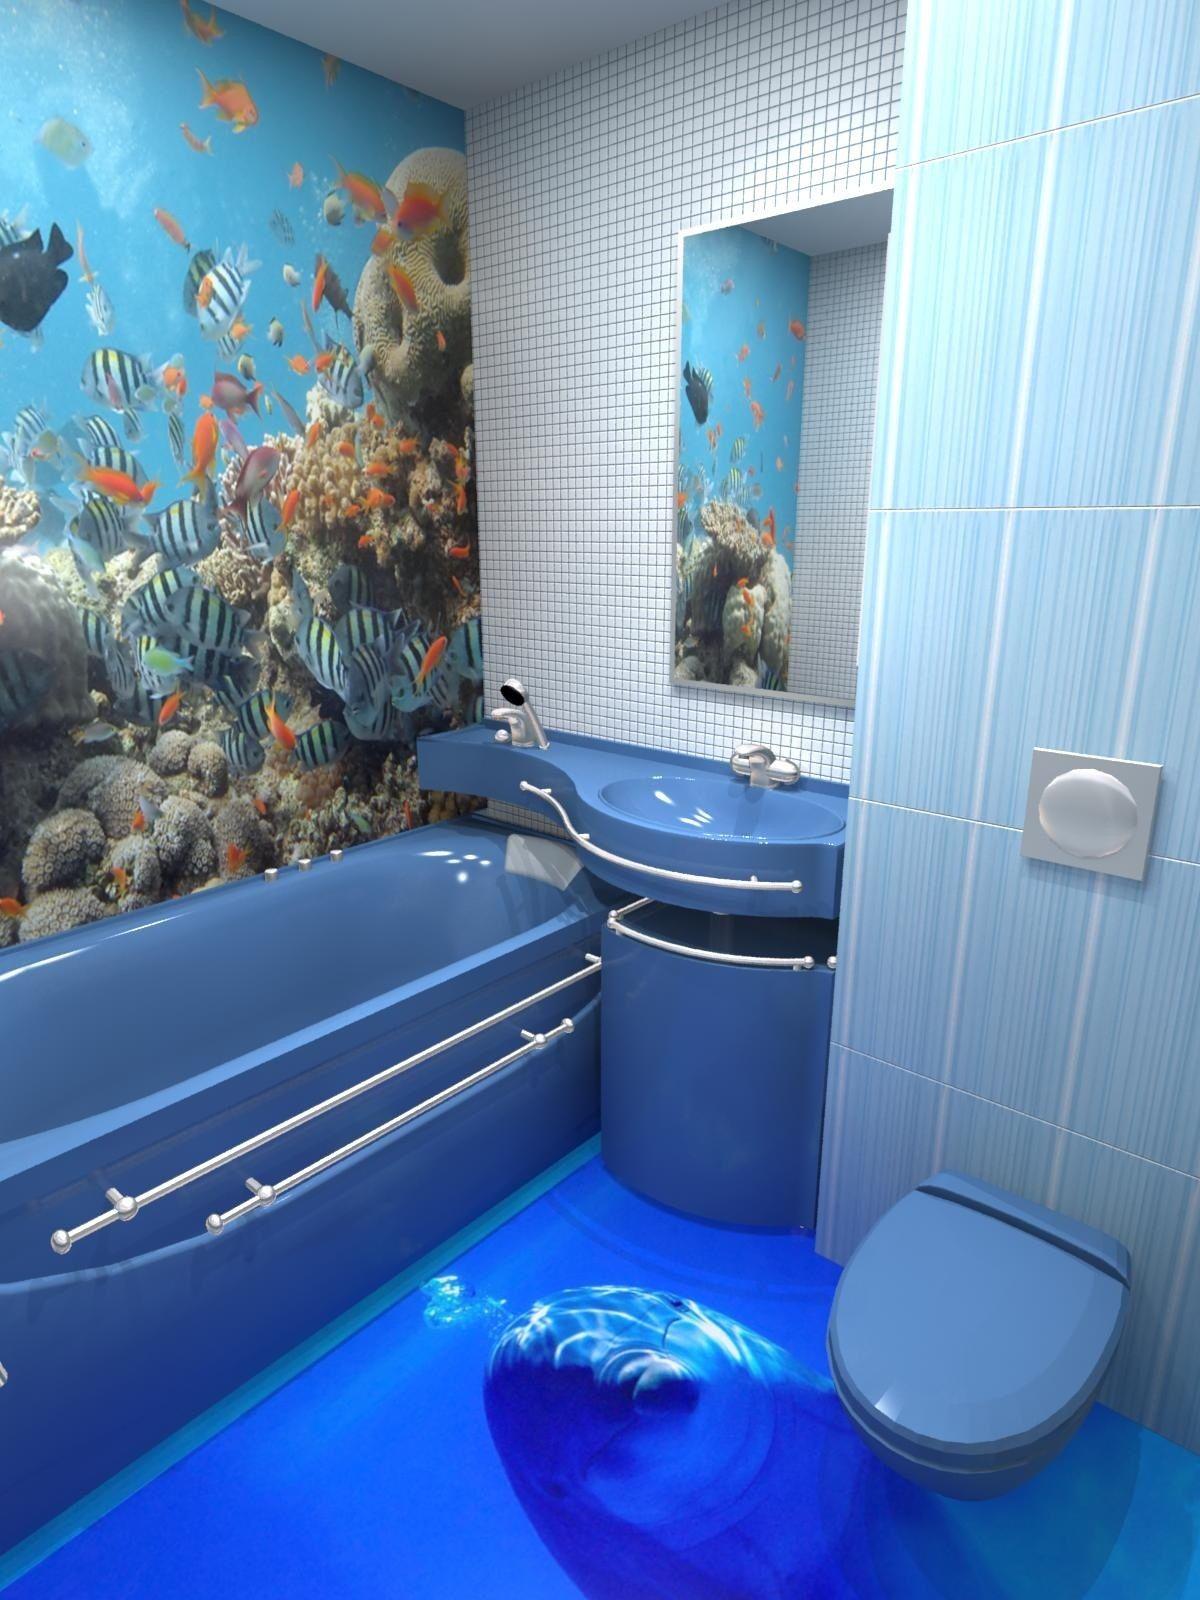 Необычный морской интерьер в ванной